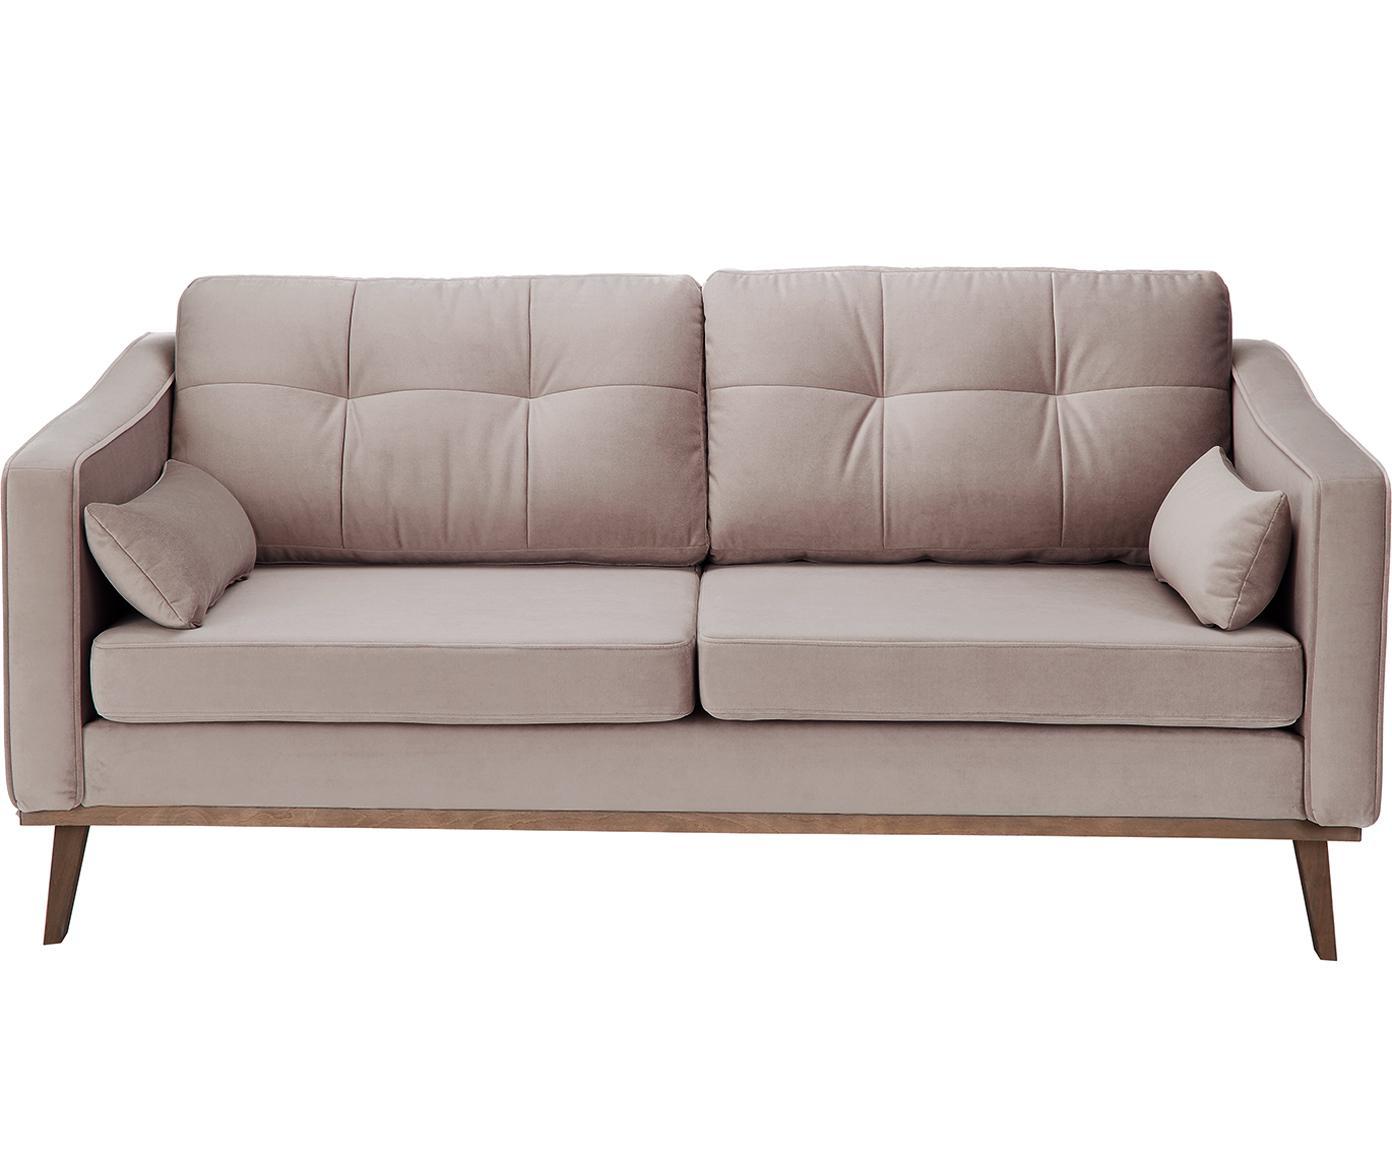 Sofa z aksamitu Alva (2-osobowa), Tapicerka: aksamit (wysokiej jakości, Stelaż: drewno sosnowe, Nogi: lite drewno bukowe, barwi, Taupe, S 184 x G 92 cm